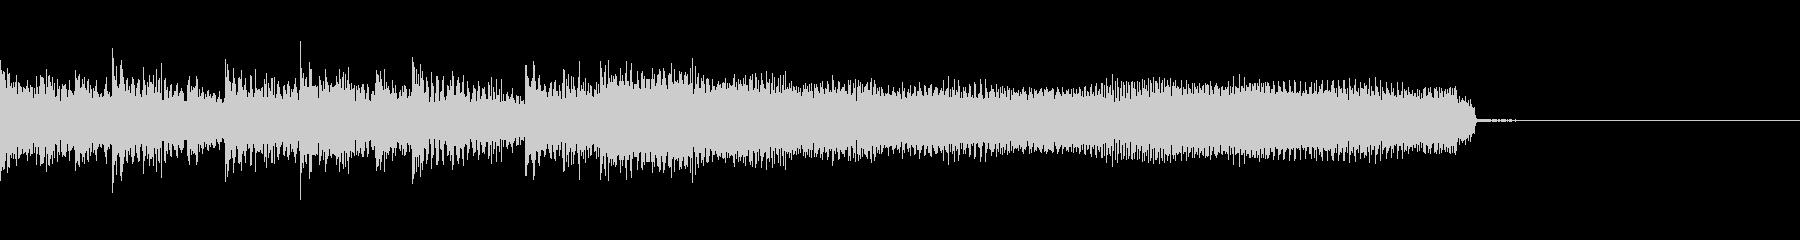 ヘビーなサウンドが特徴のメタルの未再生の波形